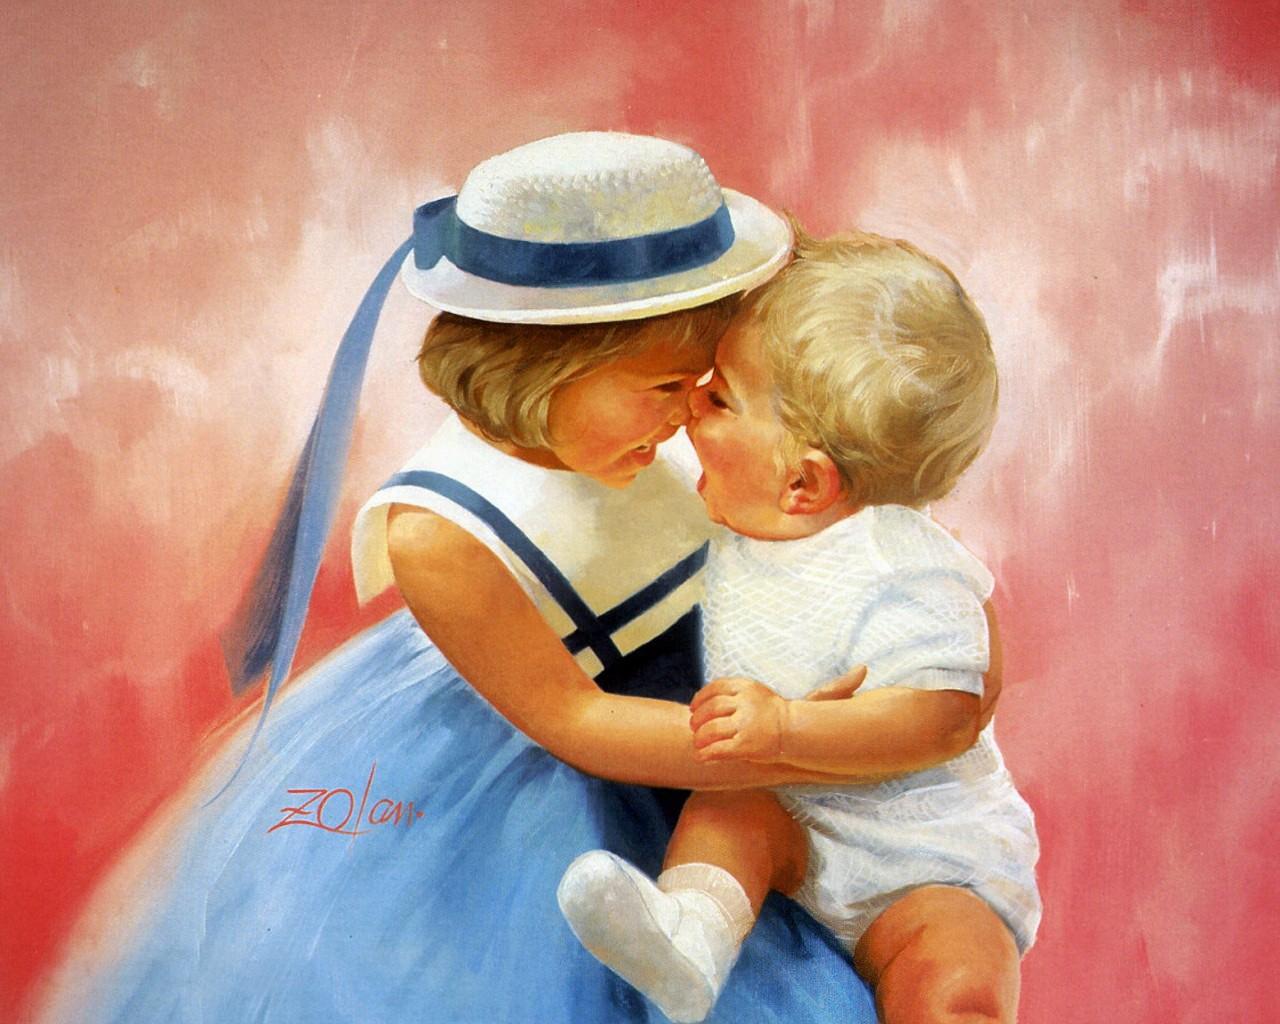 壁纸1280×1024令人怀念的美好童年油画壁纸 壁纸16壁纸 令人怀念的美好童年油壁纸图片绘画壁纸绘画图片素材桌面壁纸